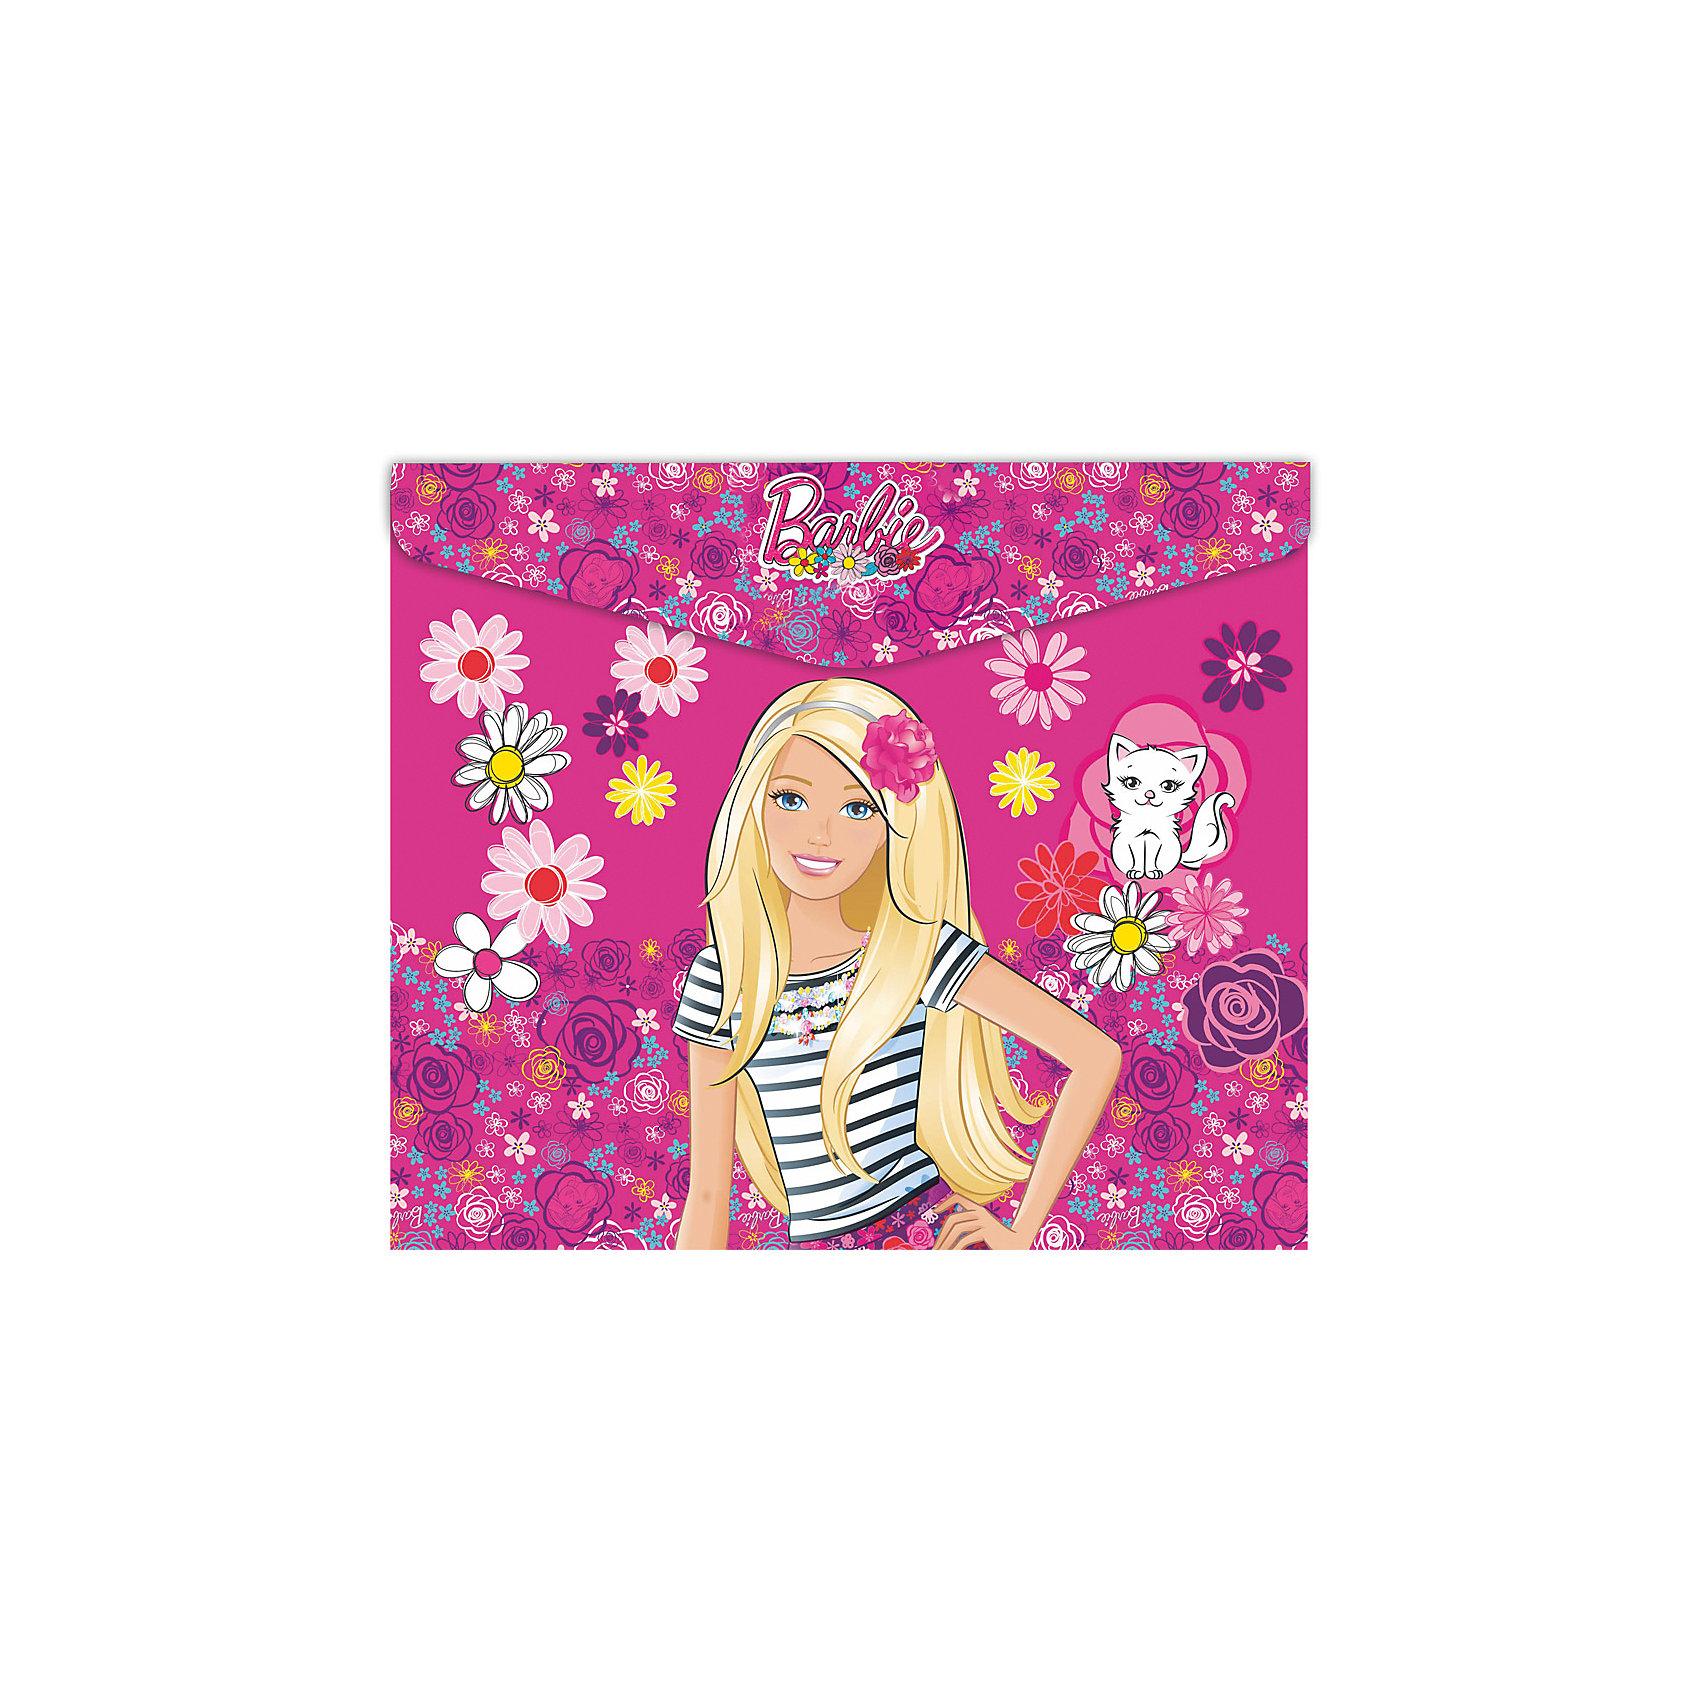 Конверт под российскую тетрадь BarbieПапки для тетрадей<br>Конверт под российскую тетрадь Barbie<br><br>Характеристики:<br><br>• Размер: 250х3х210мм<br>• Вес: 35г<br>• Толщина пластика: 180мкм<br>• Формат: А5+<br>• Крепление: на кнопке<br>• Материал: полипропилен<br><br>Красивый конверт с героями популярного мультфильма поможет переносить листы а4, а также любые тетради до размера А5+. Благодаря толстому пластику тетради надежно защищены от влаги или грязи. Папка закрывается на кнопку, которую легко расстегнуть самостоятельно и которая надежно удерживает тетради внутри.<br><br>Конверт под российскую тетрадь Barbie можно купить в нашем интернет-магазине.<br><br>Ширина мм: 250<br>Глубина мм: 3<br>Высота мм: 210<br>Вес г: 35<br>Возраст от месяцев: 48<br>Возраст до месяцев: 144<br>Пол: Женский<br>Возраст: Детский<br>SKU: 5390324